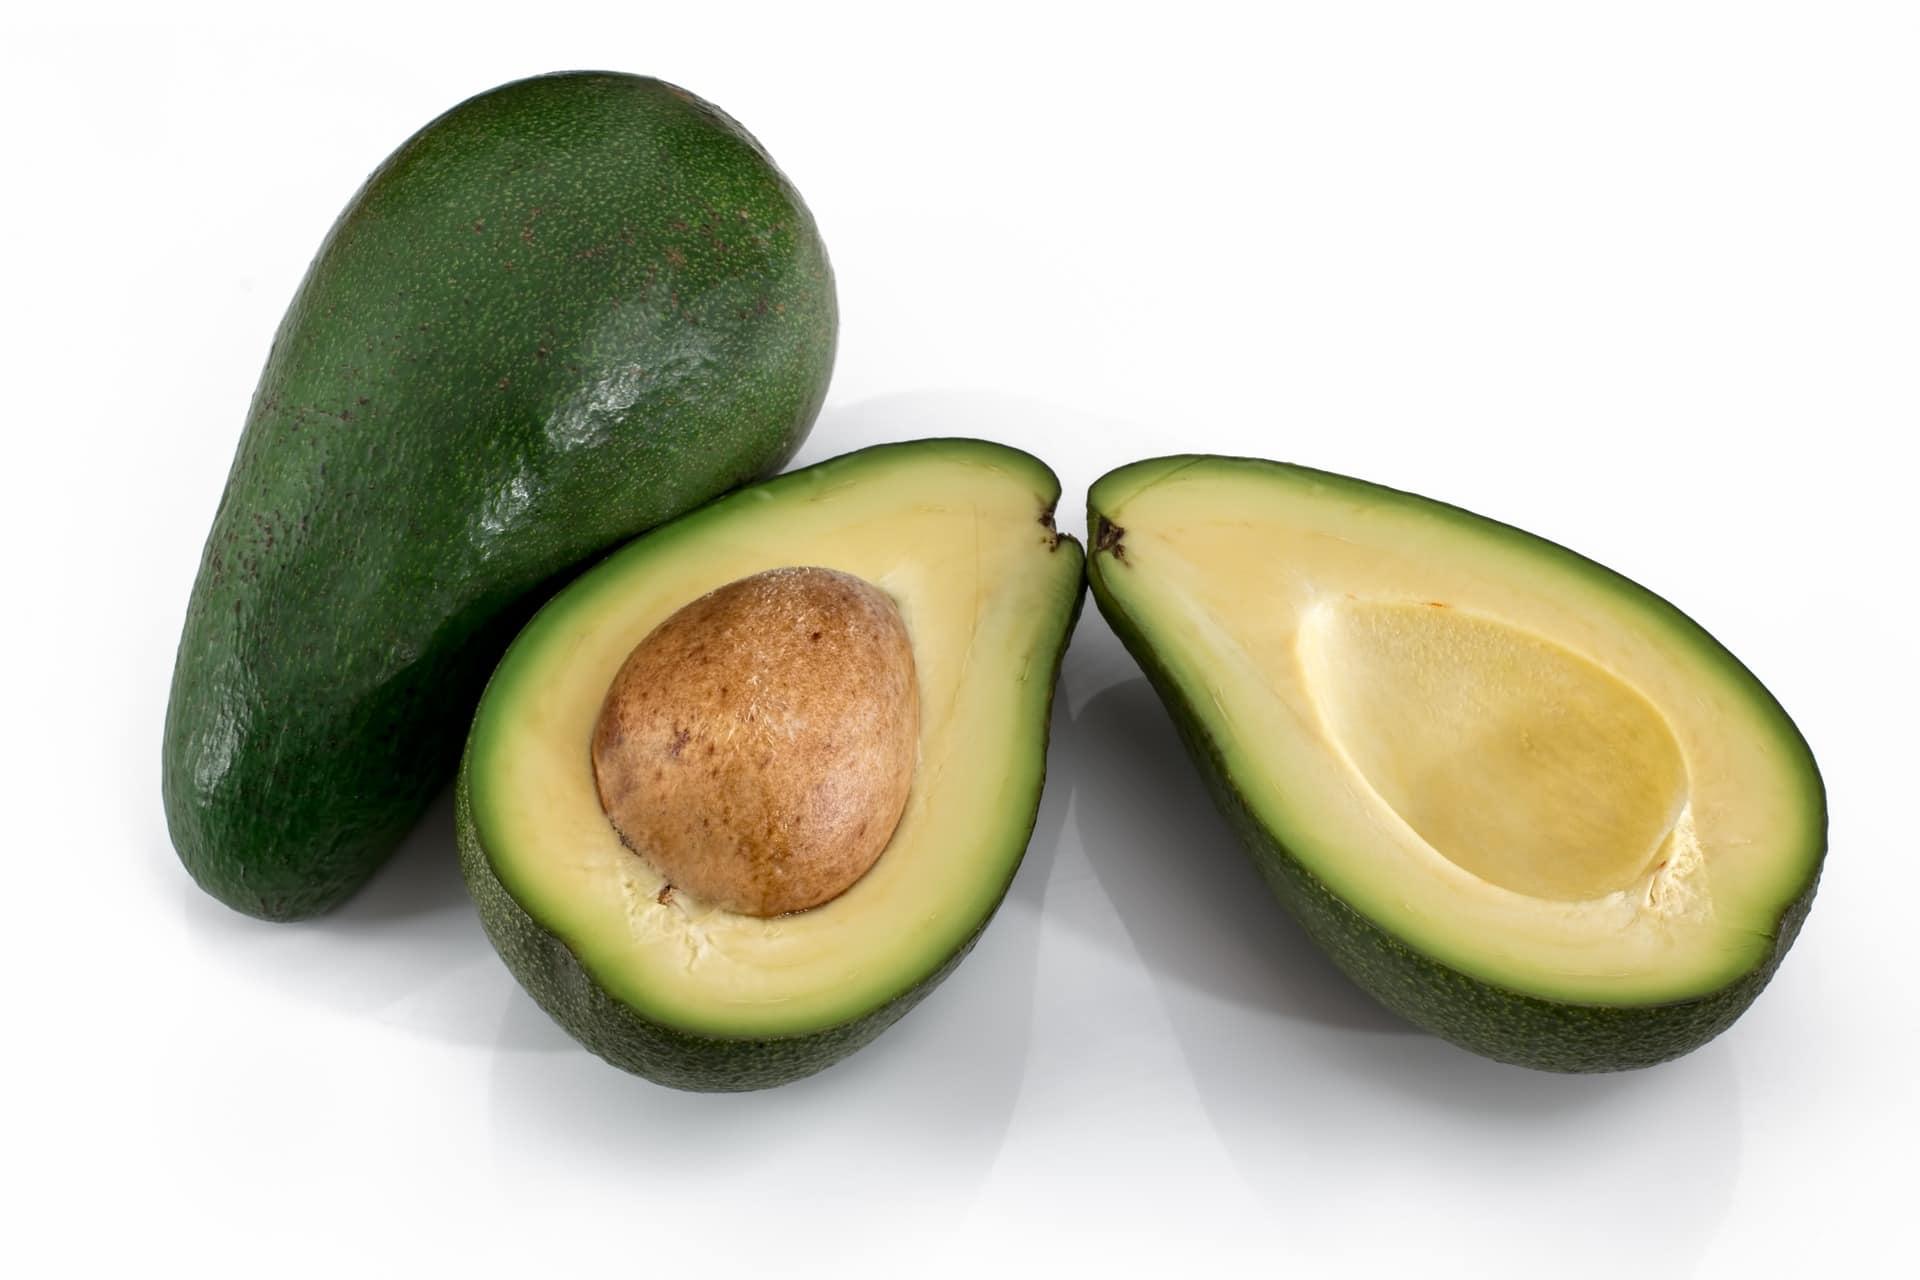 Avokádo je kvalitním zdrojem zdravých tuků / foto: pixabay.com